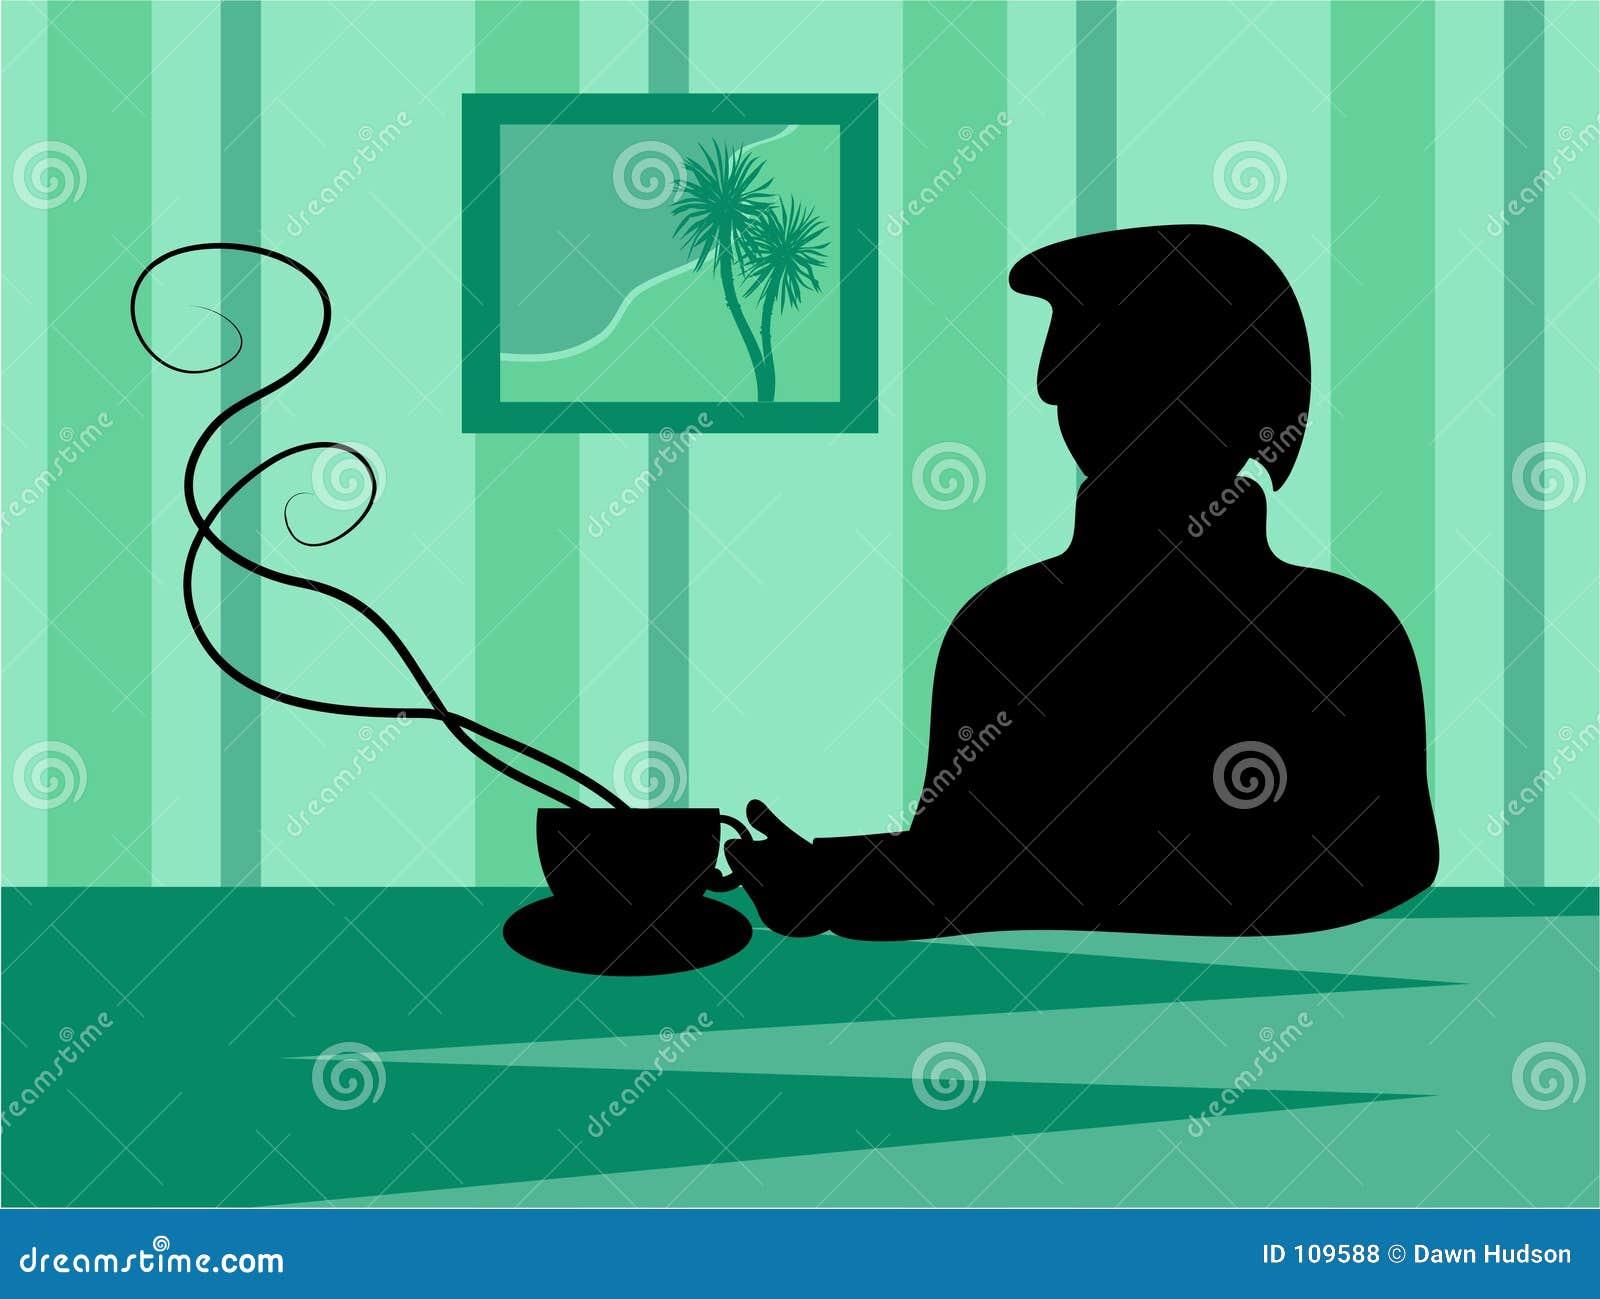 Coffee Break Silhouette